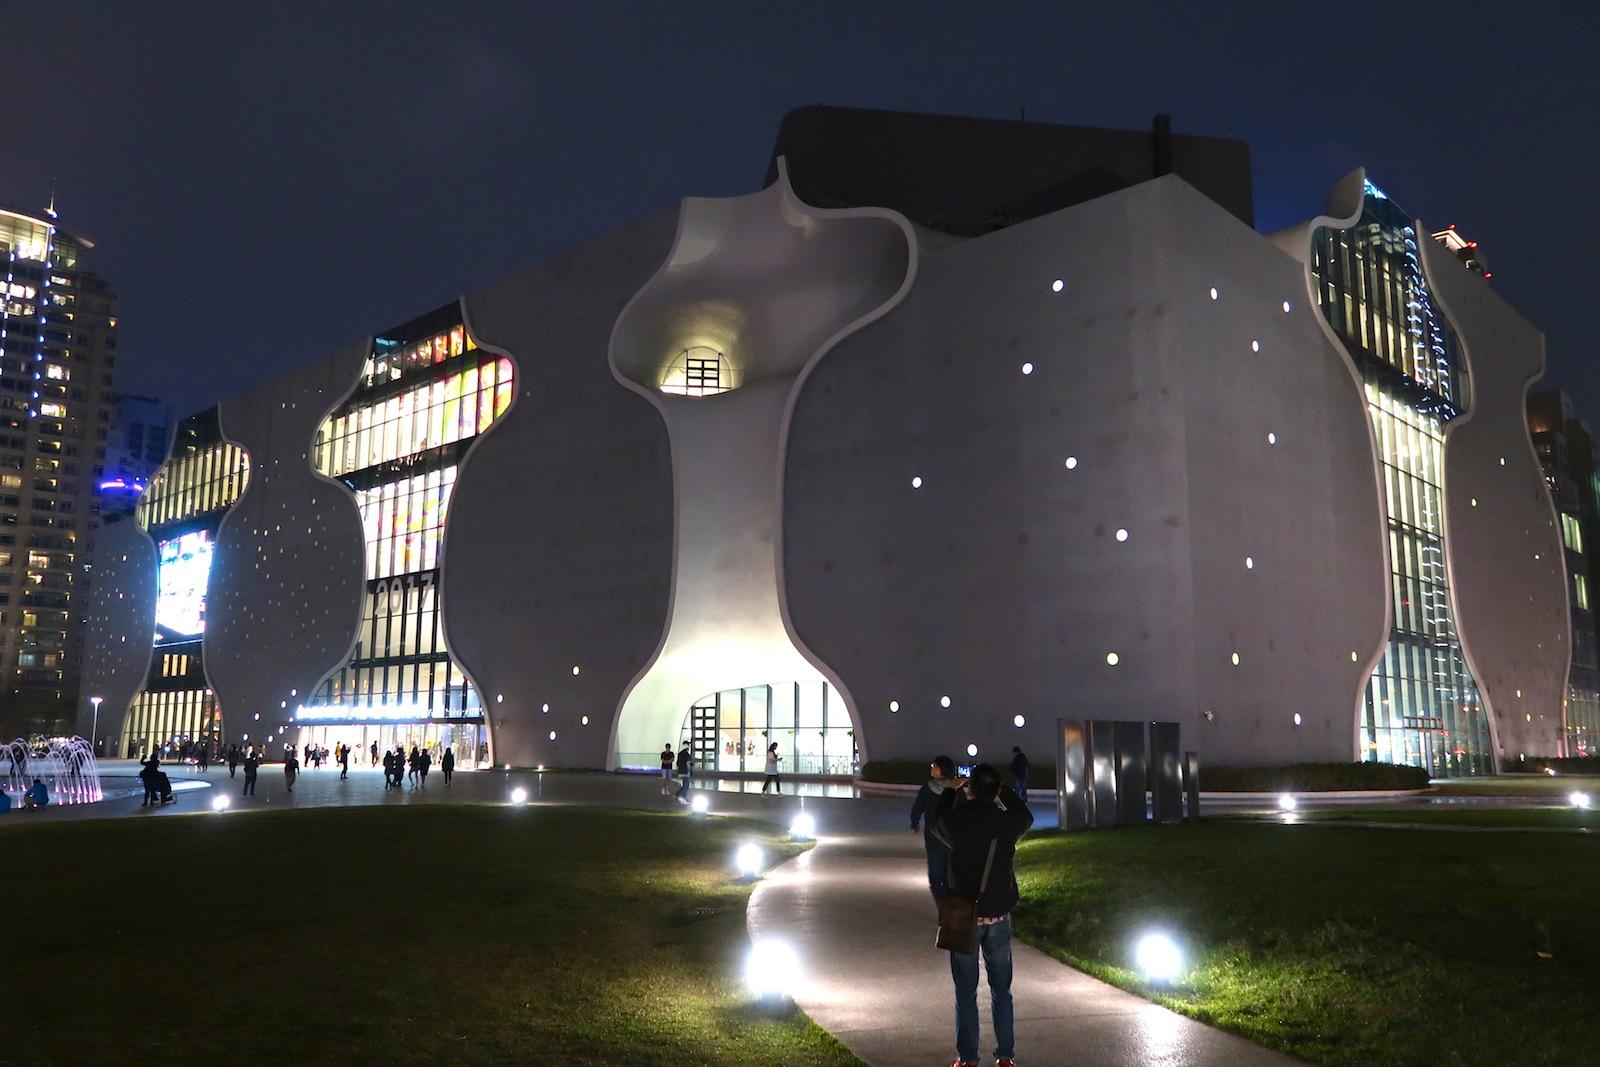 臺中國家歌劇院. Luce Memorial Chapel | 建築と旅 | Architecture; Journey